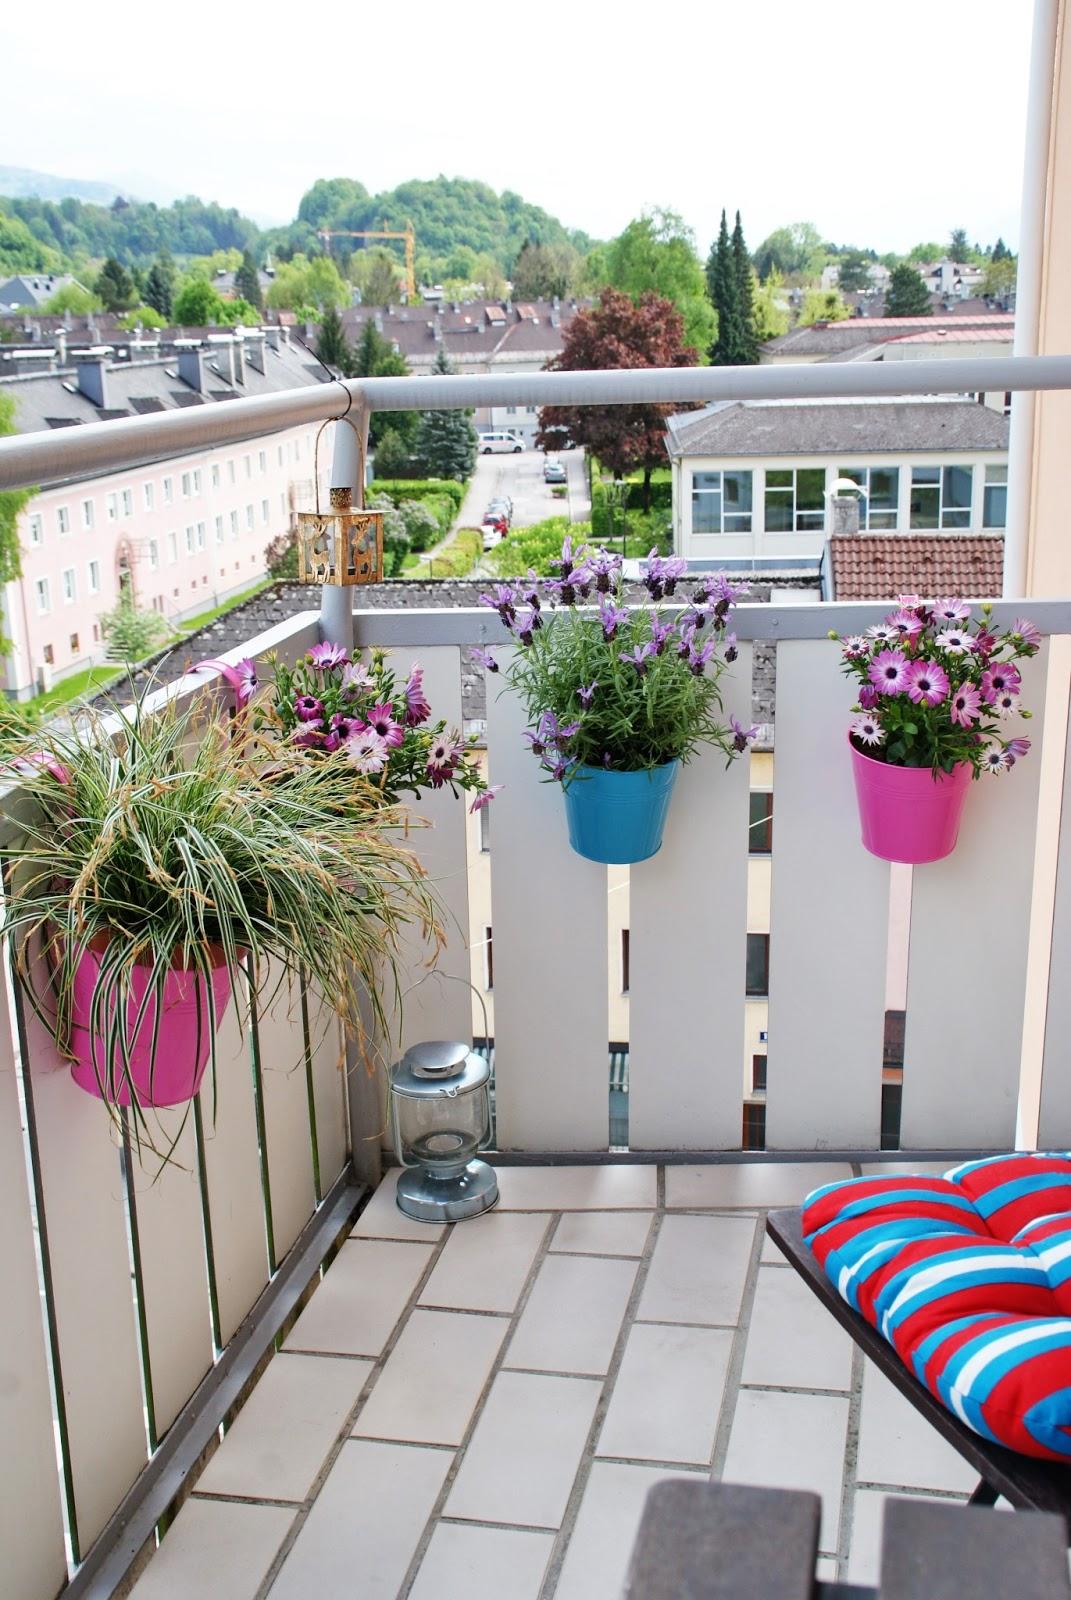 totally veg kulinarischer urlaub auf balkonien. Black Bedroom Furniture Sets. Home Design Ideas